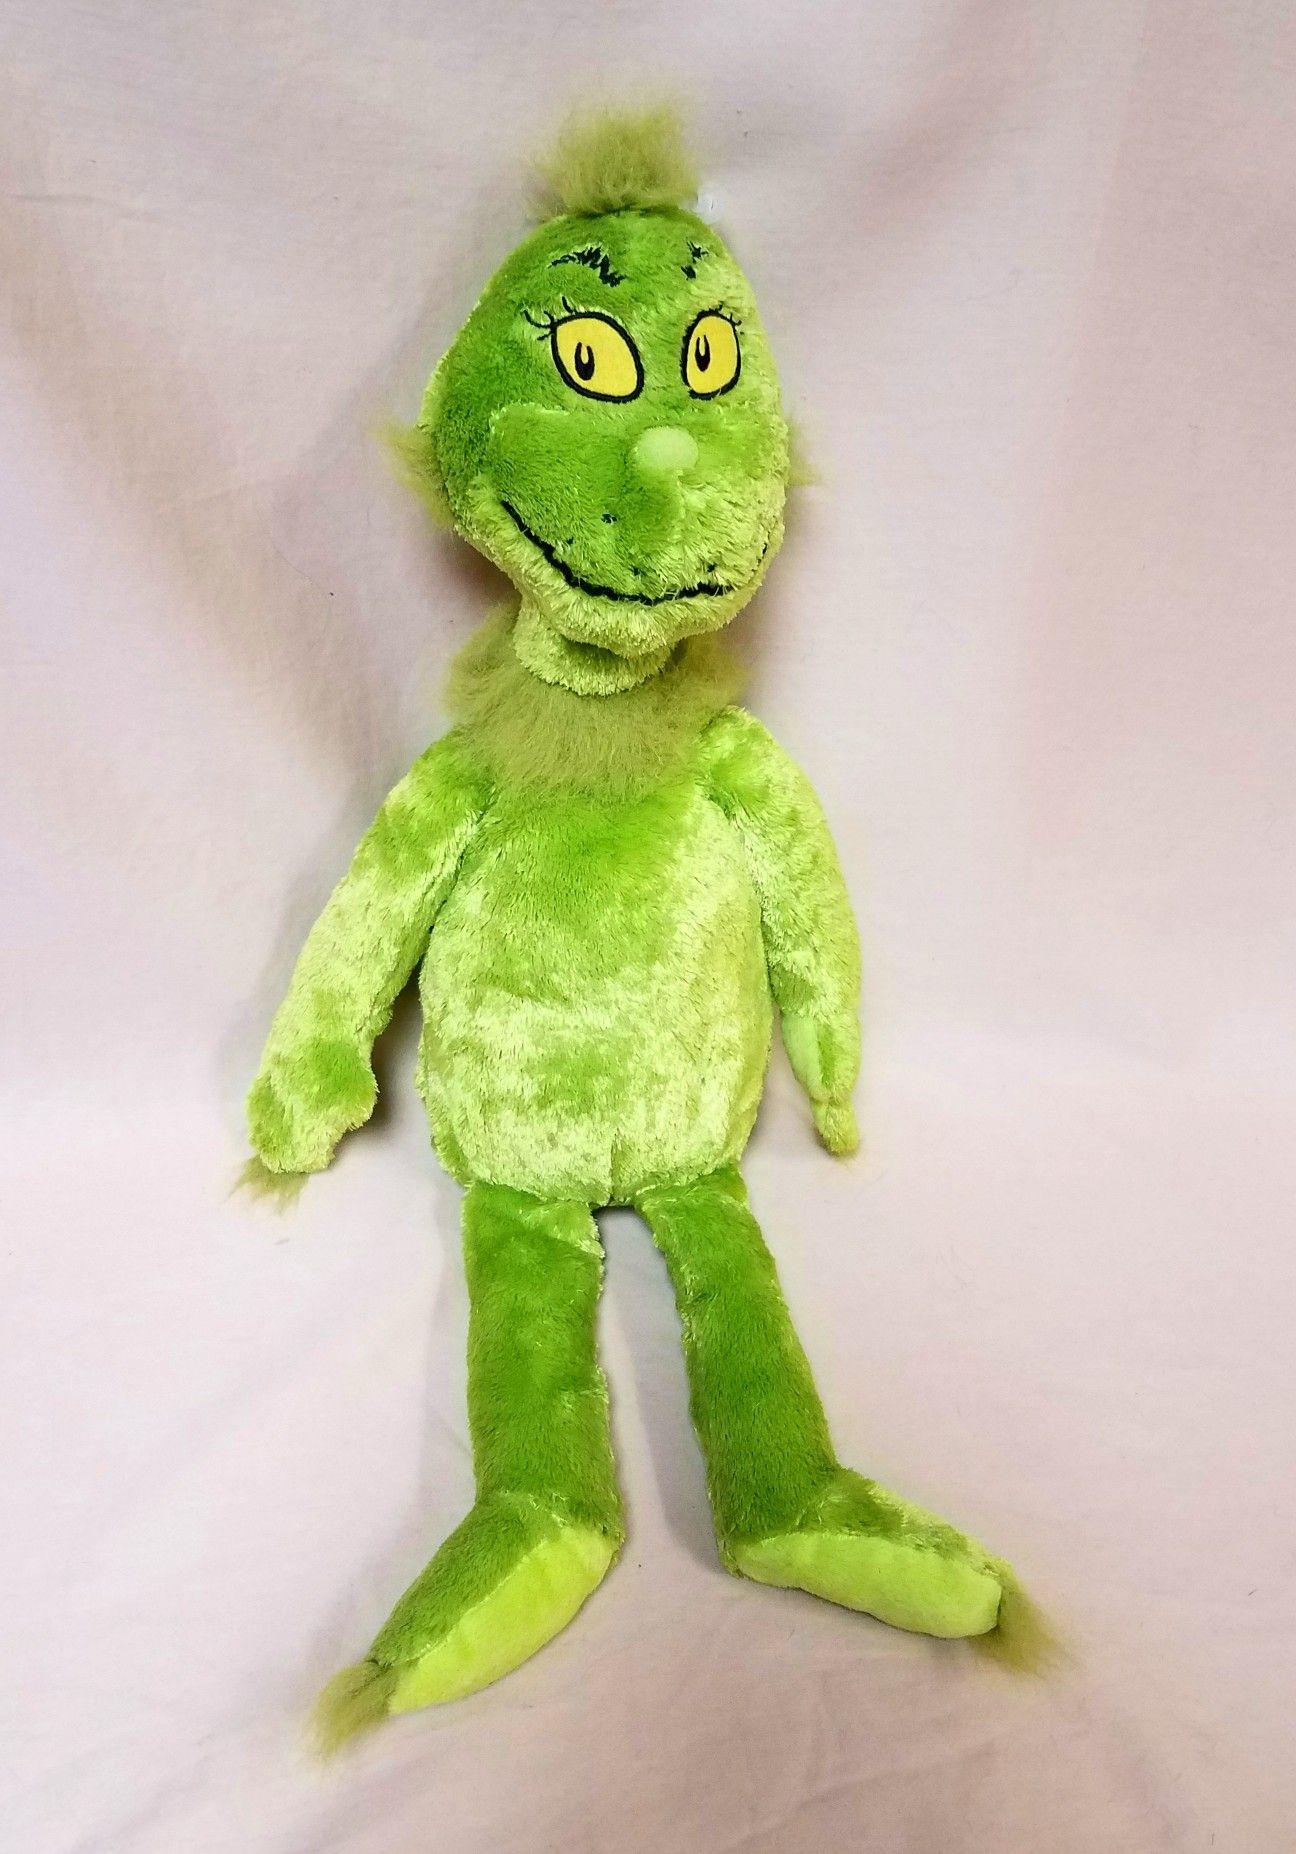 13+ Baby grinch stuffed animal ideas